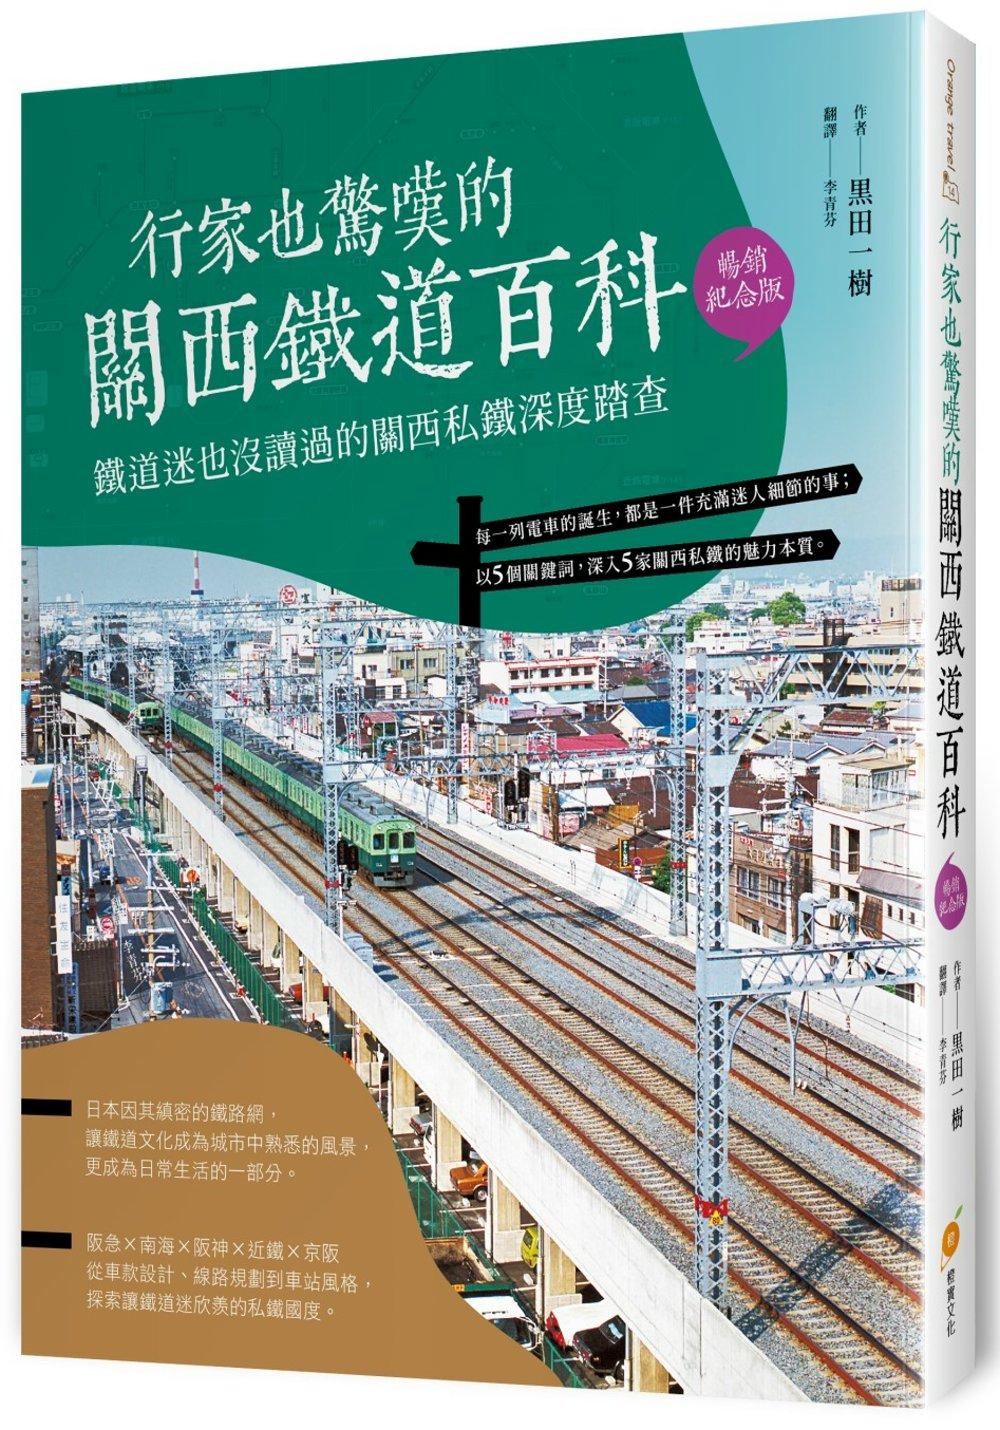 行家也驚嘆的關西鐵道百科:鐵道迷也沒讀過的關西私鐵深度踏查﹝暢銷紀念版﹞